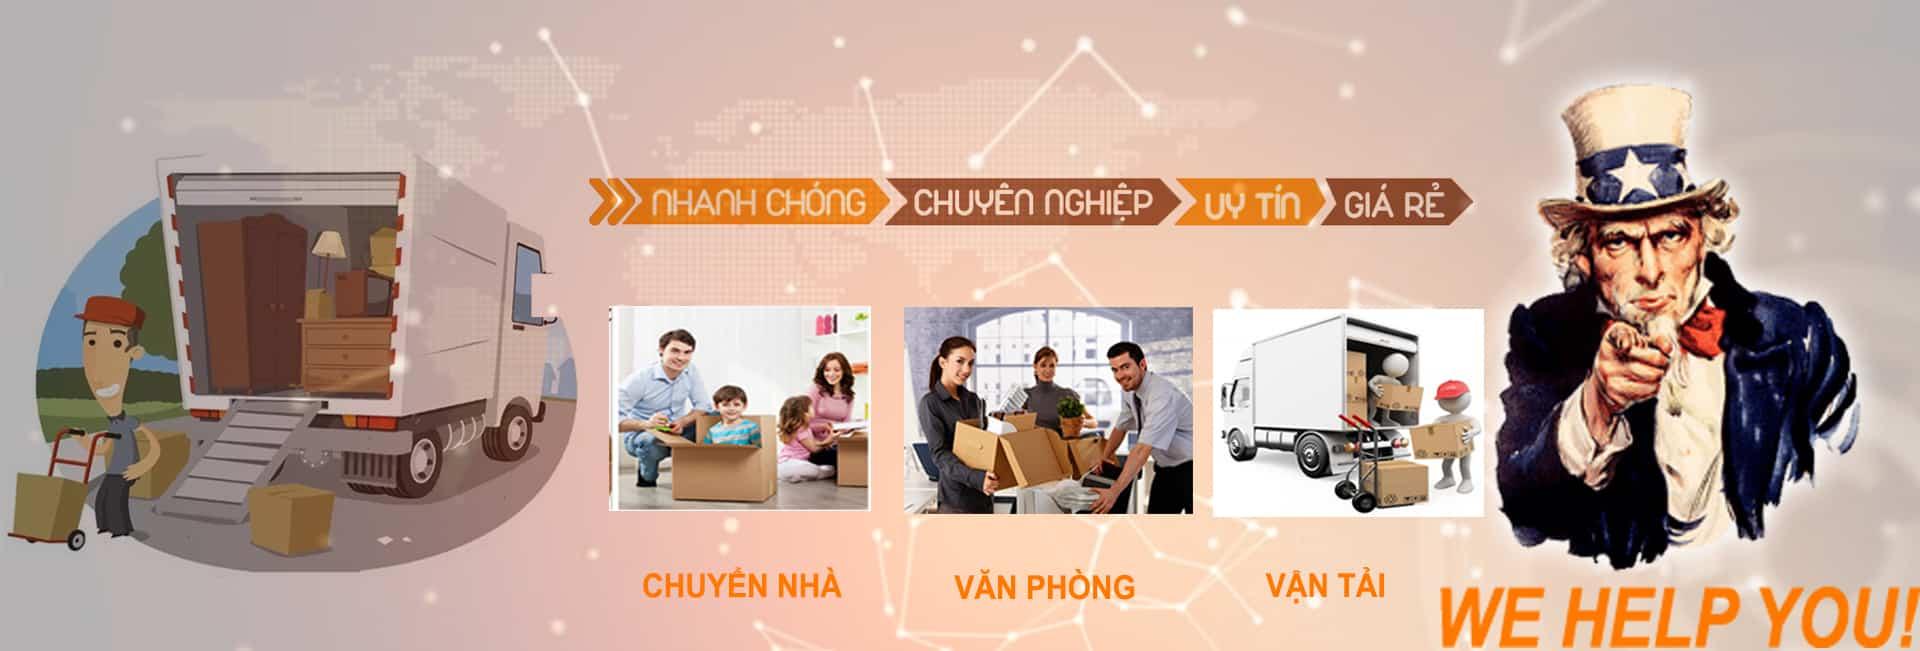 Dịch vụ chuyển nhà chuyển nghiệp tại Tân Bình